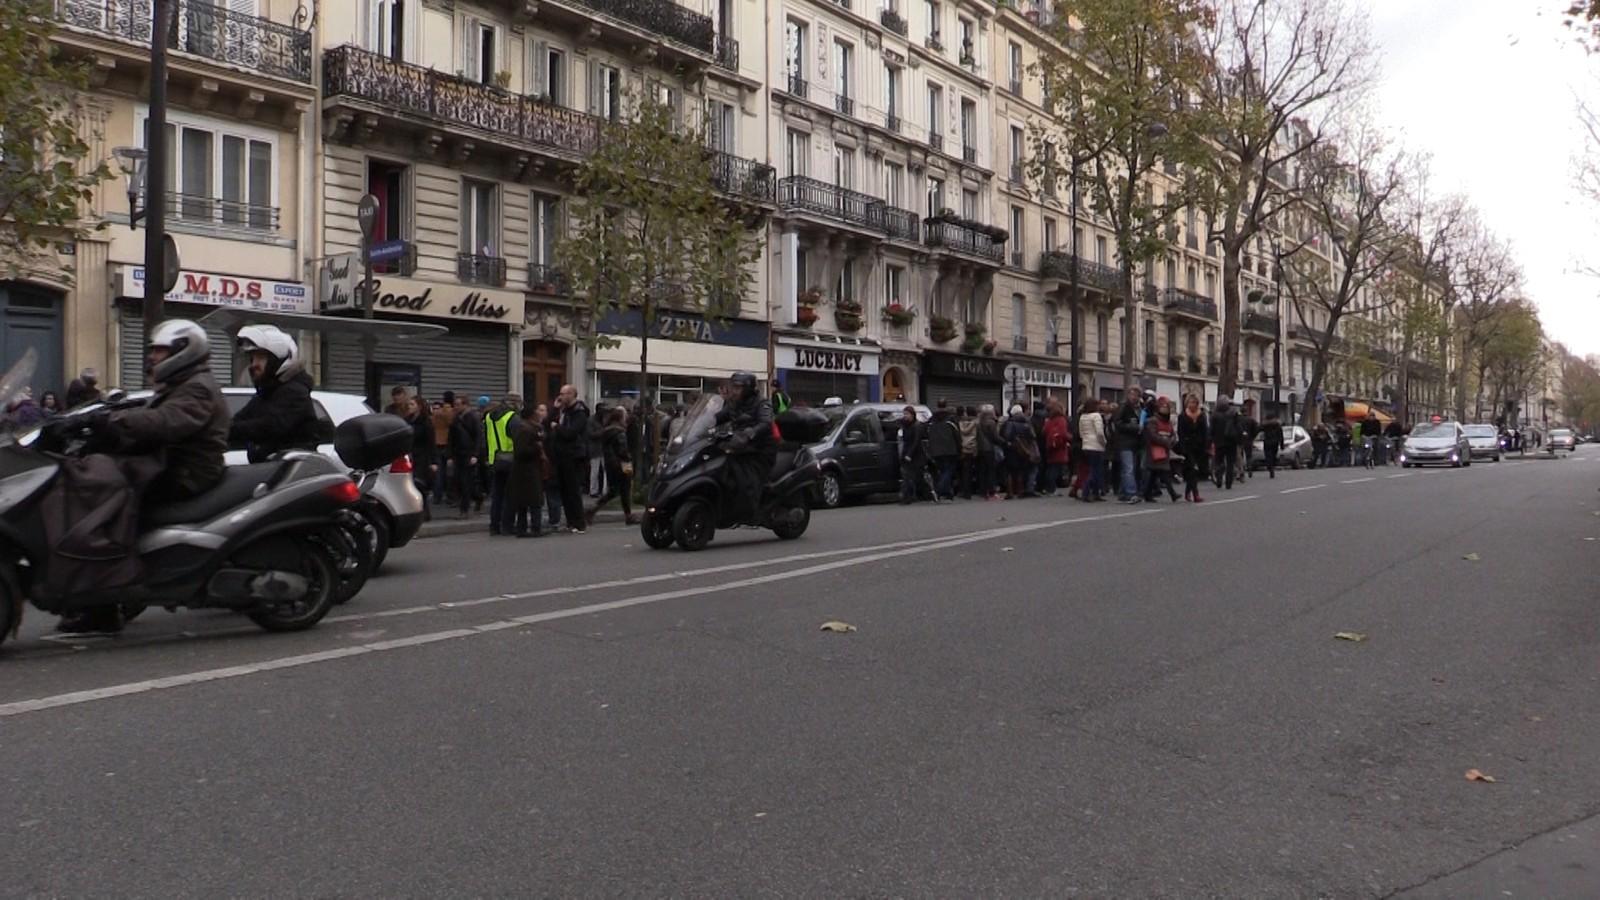 Demonstrasjoner er ulovlig under klimakonferansen etter terrorangrepene i Paris. Men demonstrasjoner ble det likevel.